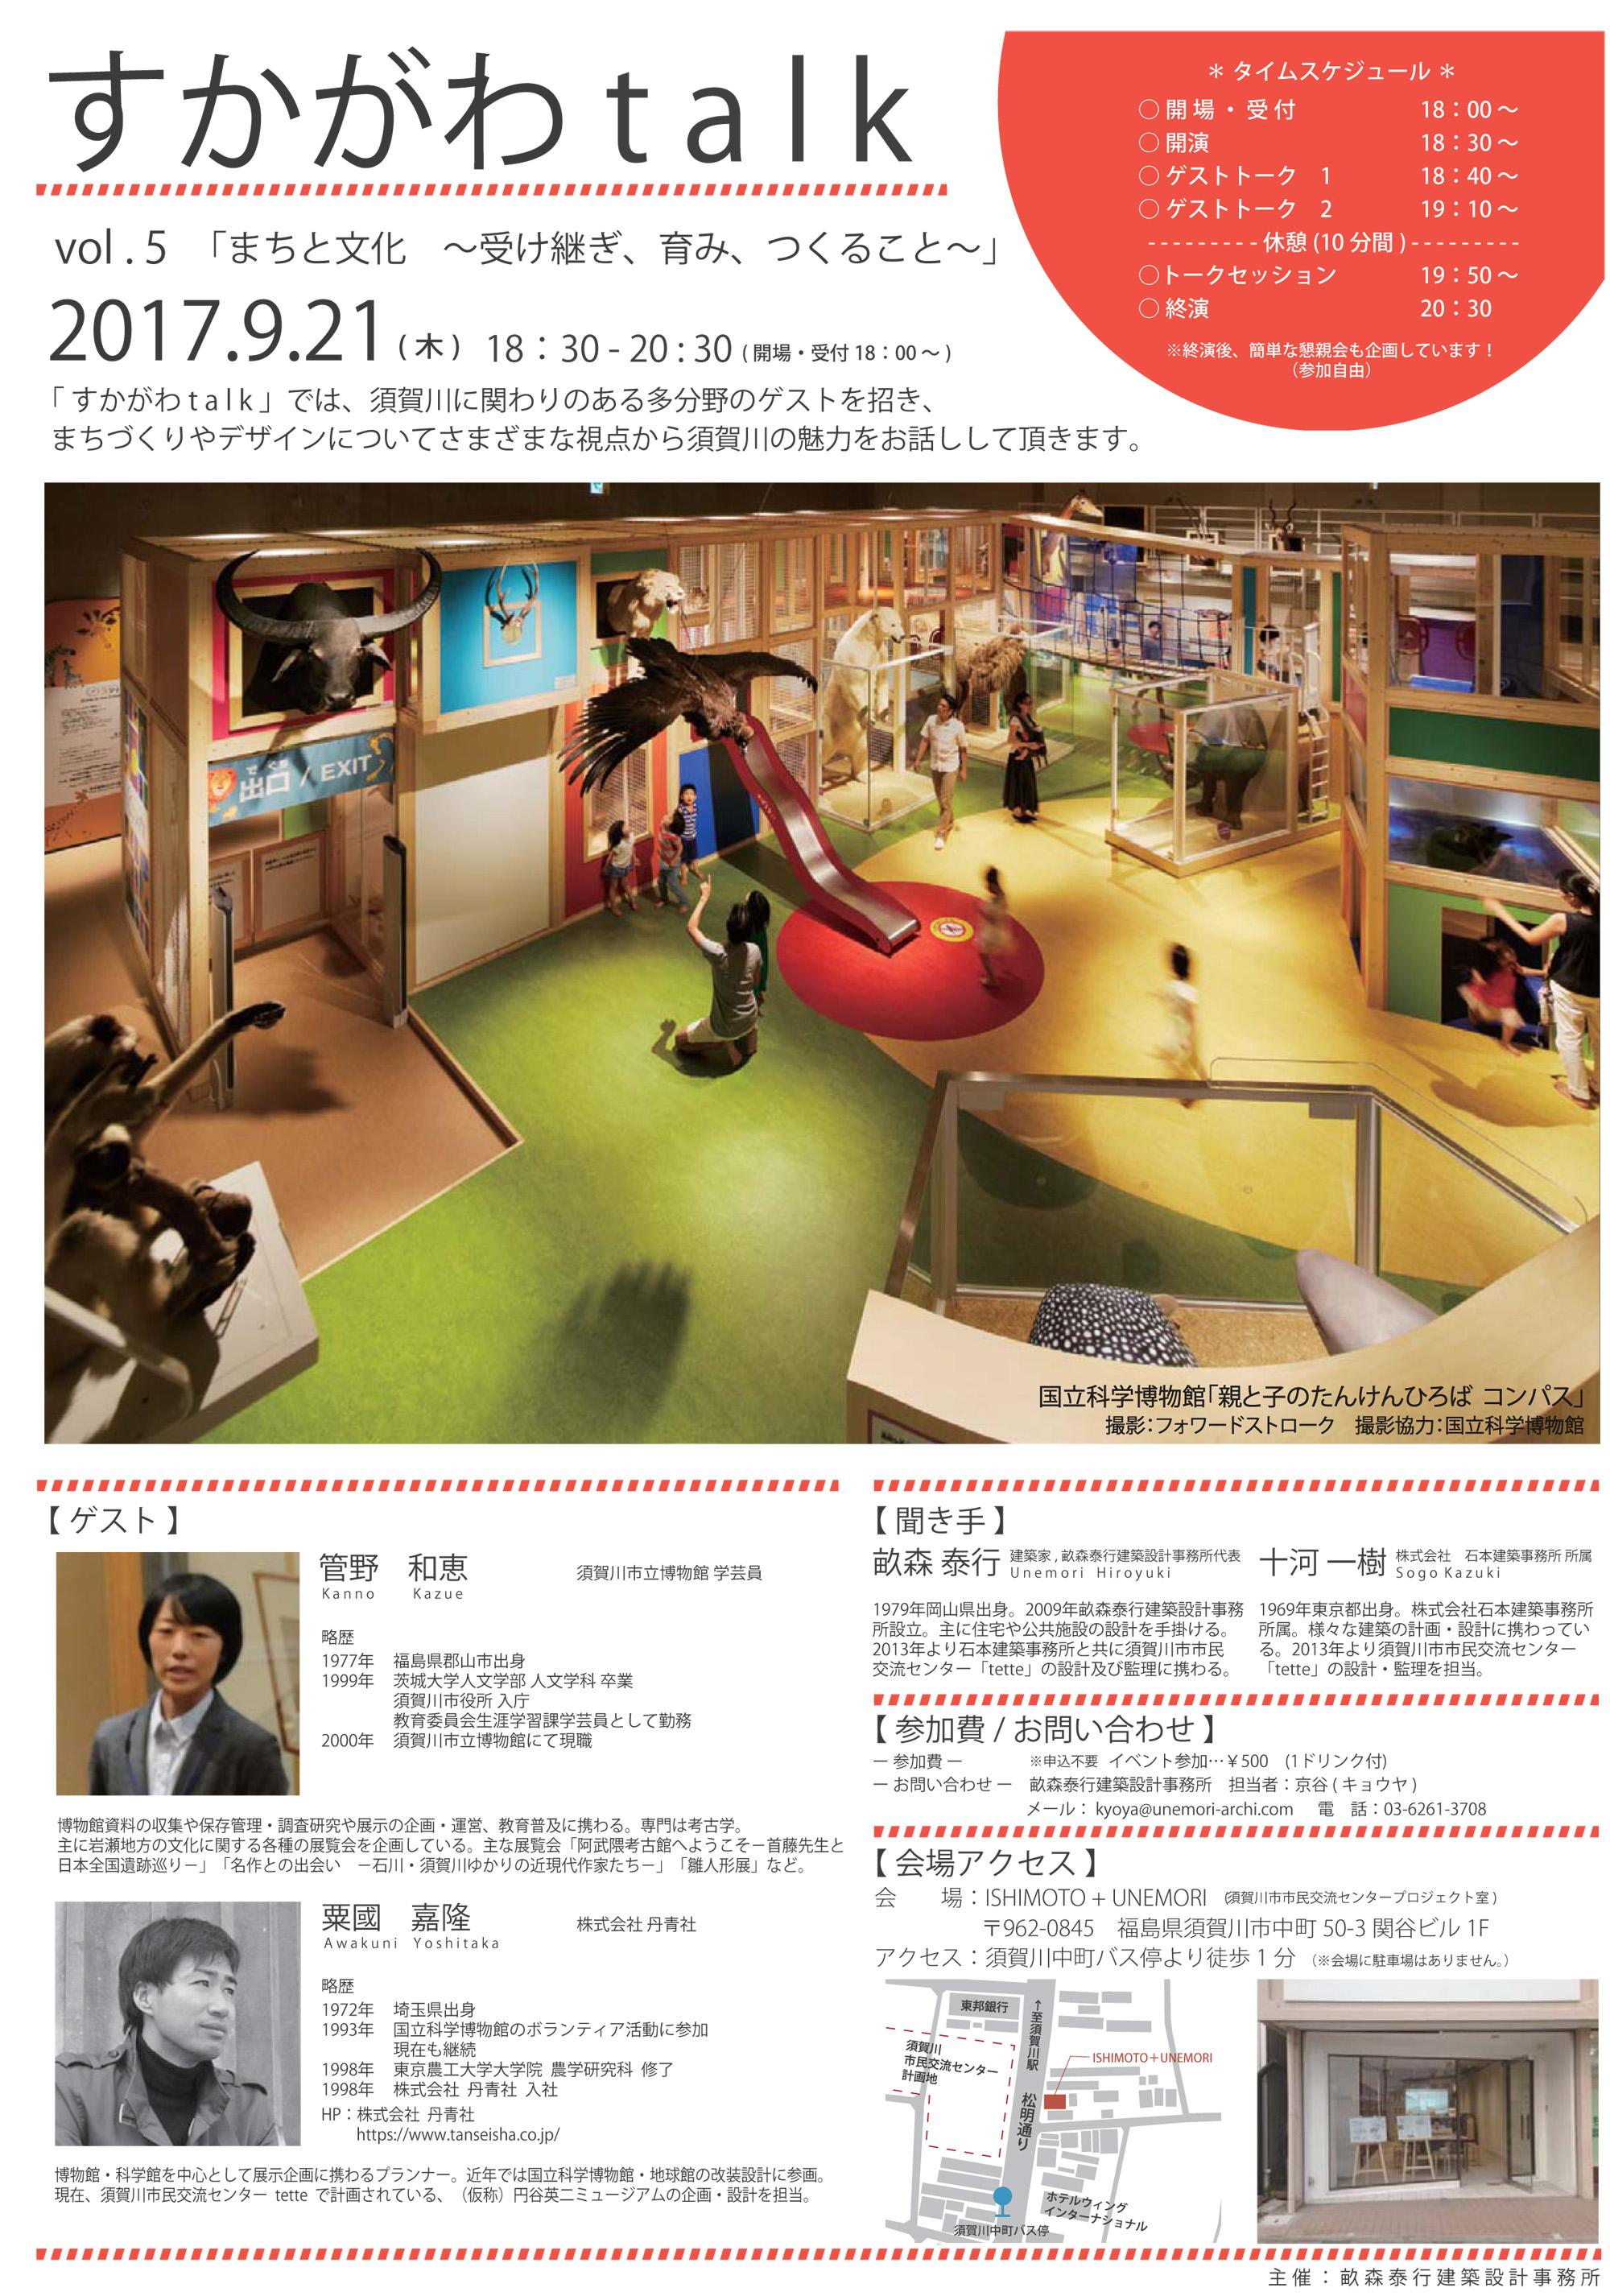 21_sukagawa talk vol.5